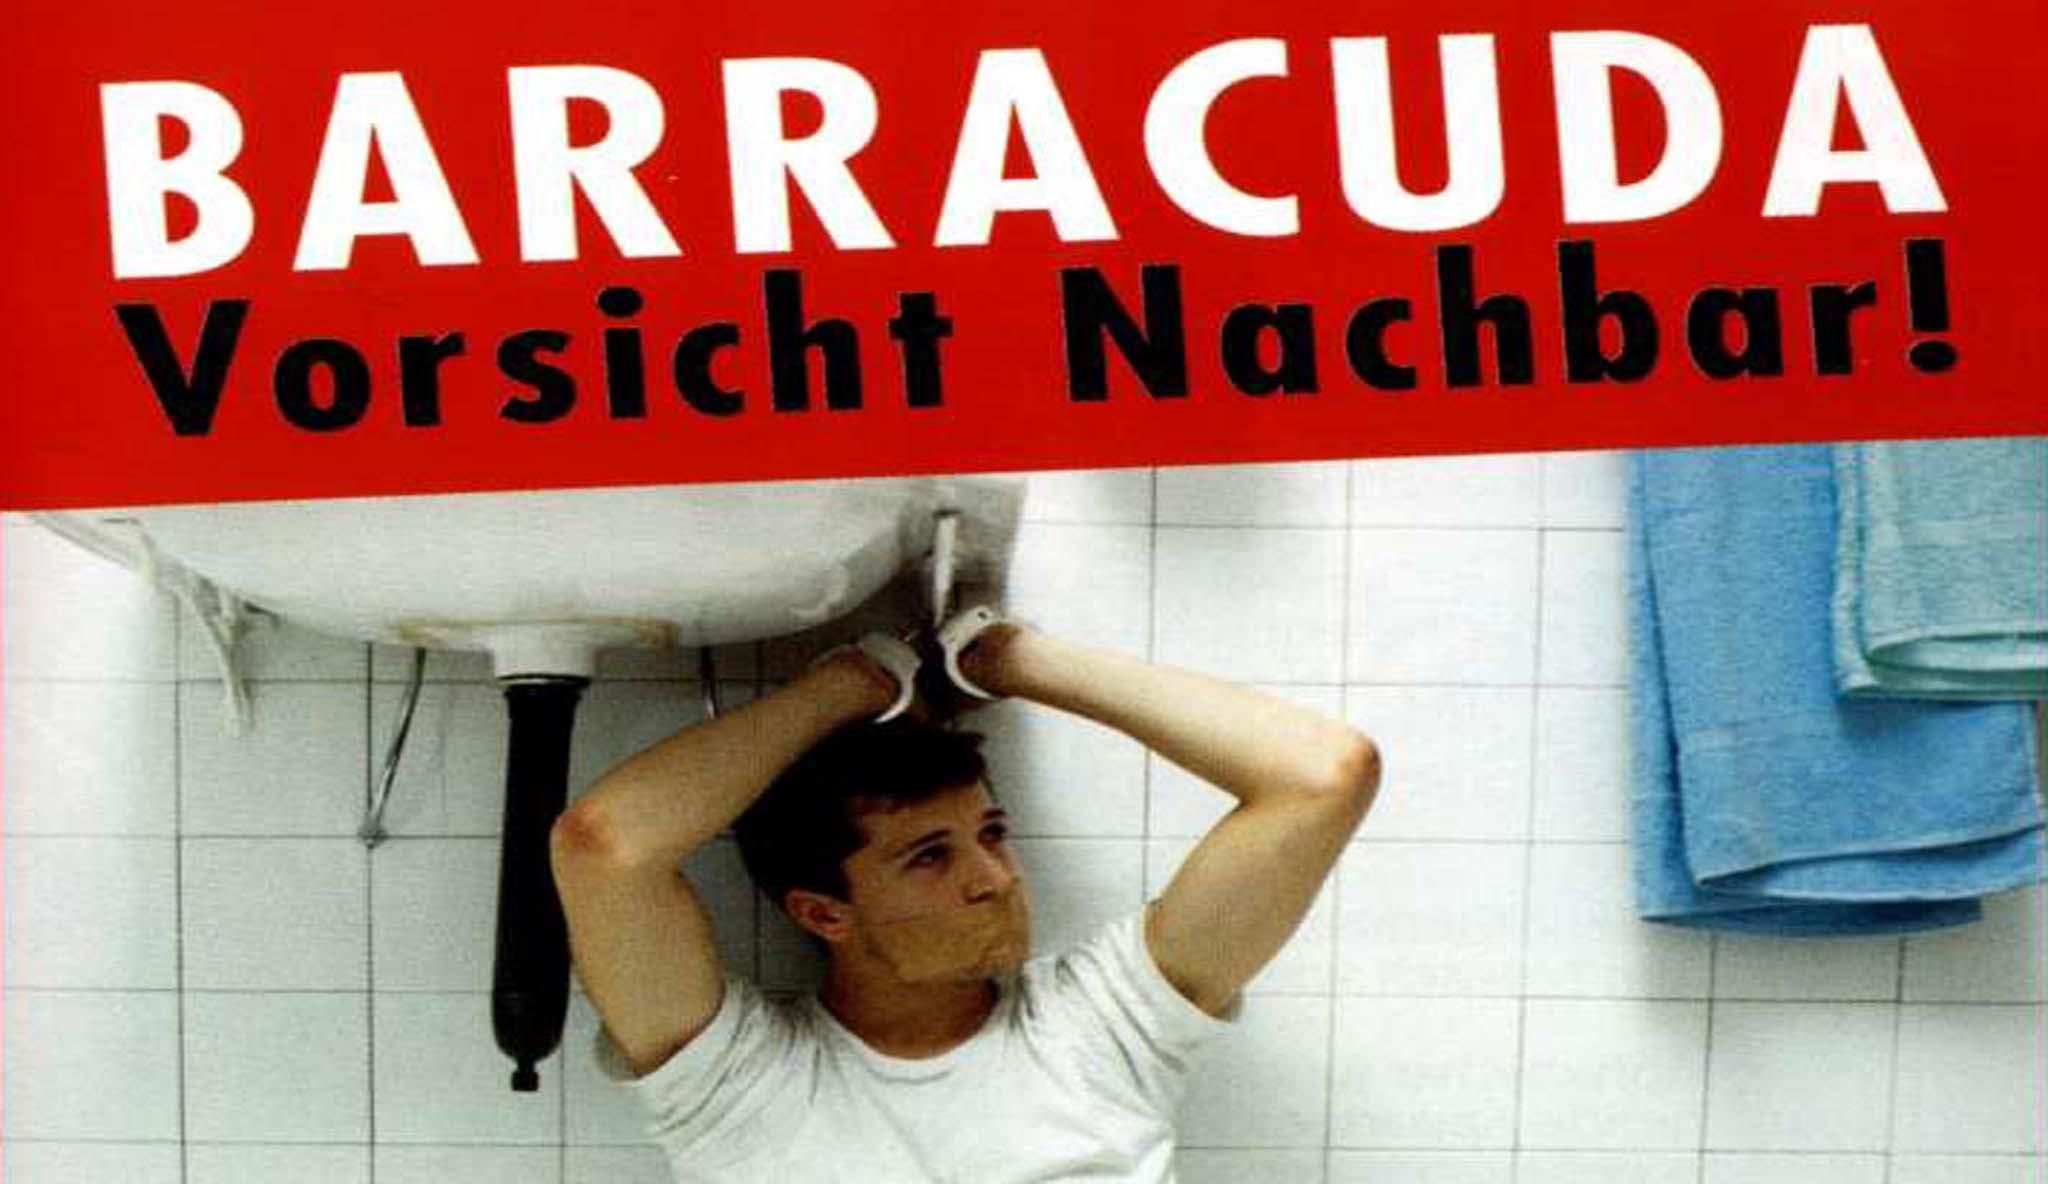 barracuda-vorsicht-nachbar-2\header.jpg